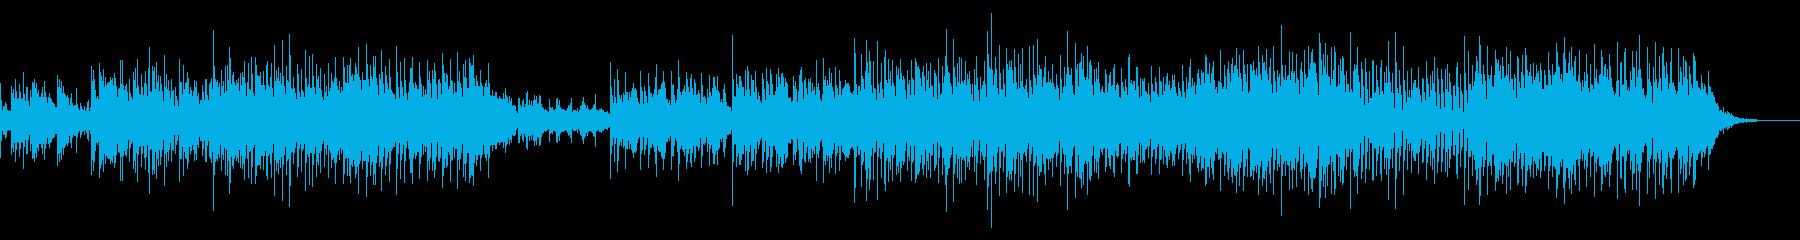 小型機械の行進の再生済みの波形